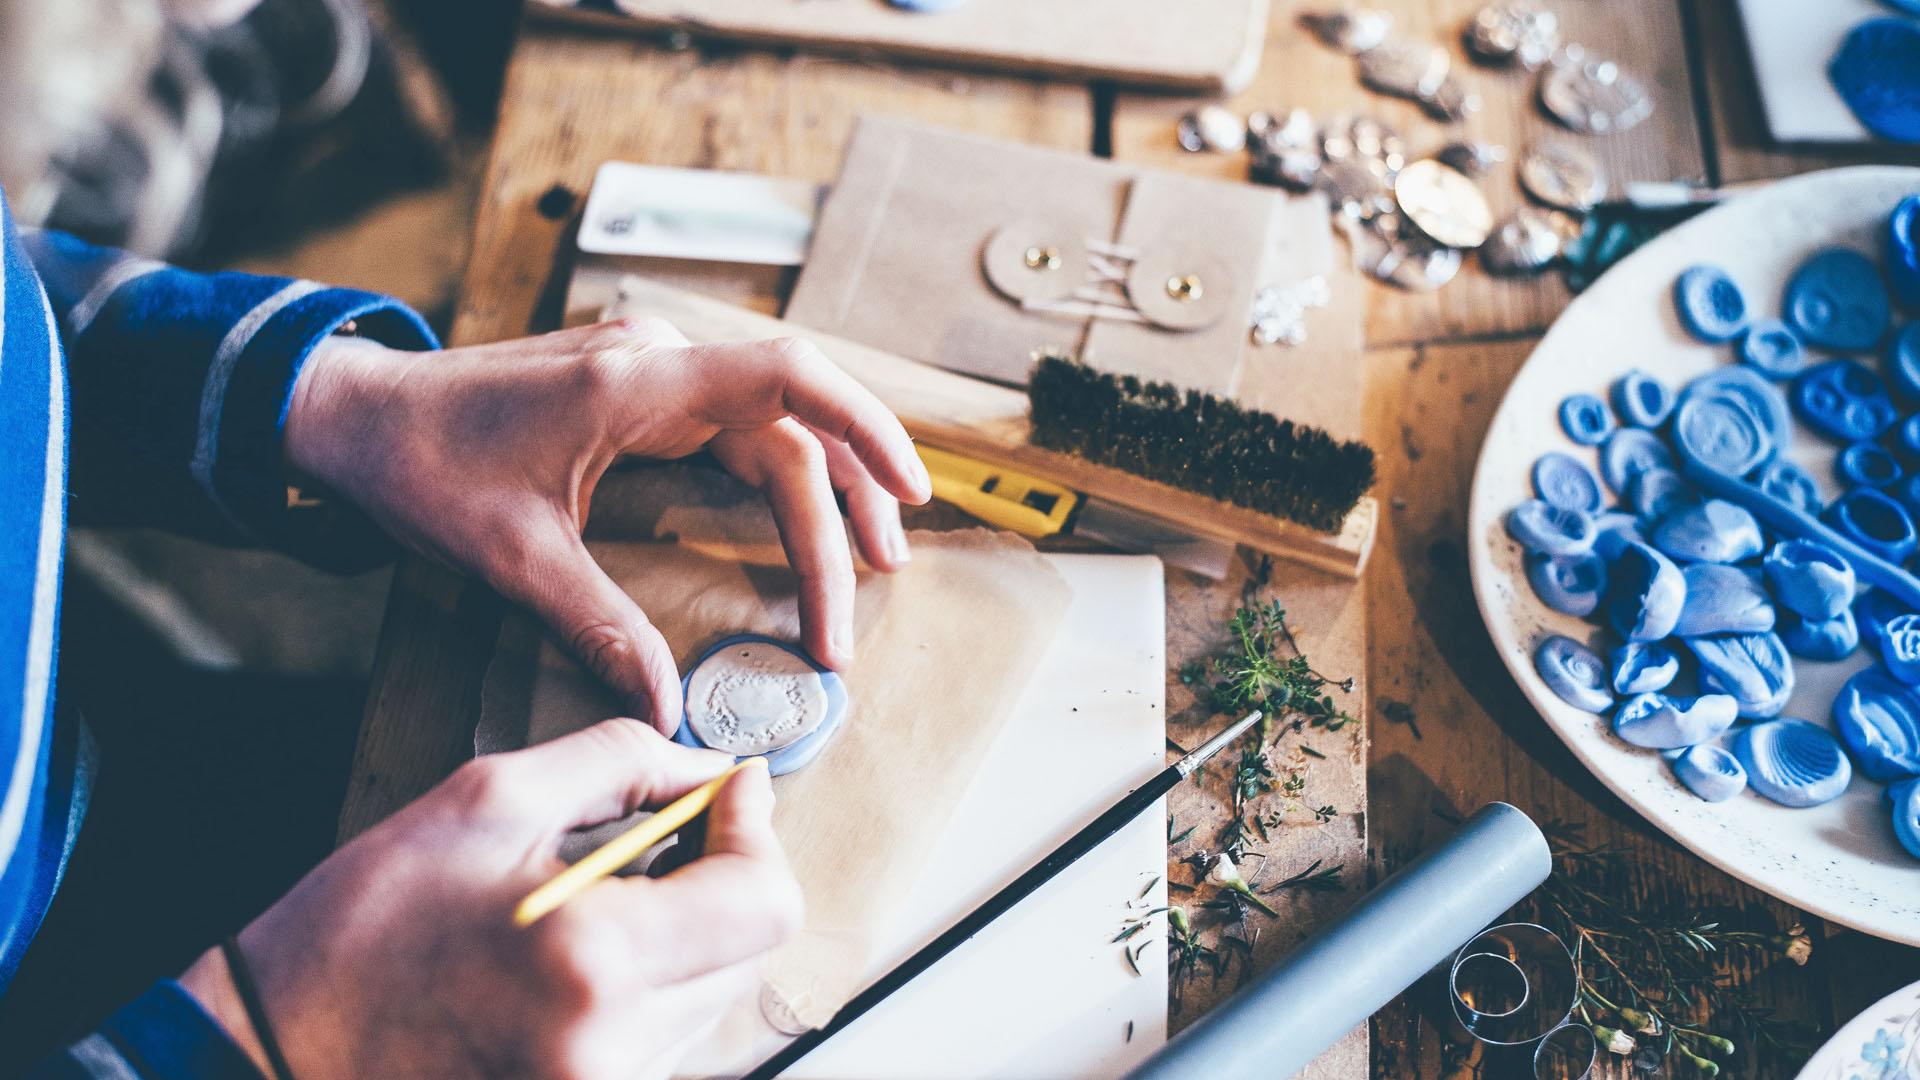 Artigianato fatto a mano: più che un prodotto una filosofia.